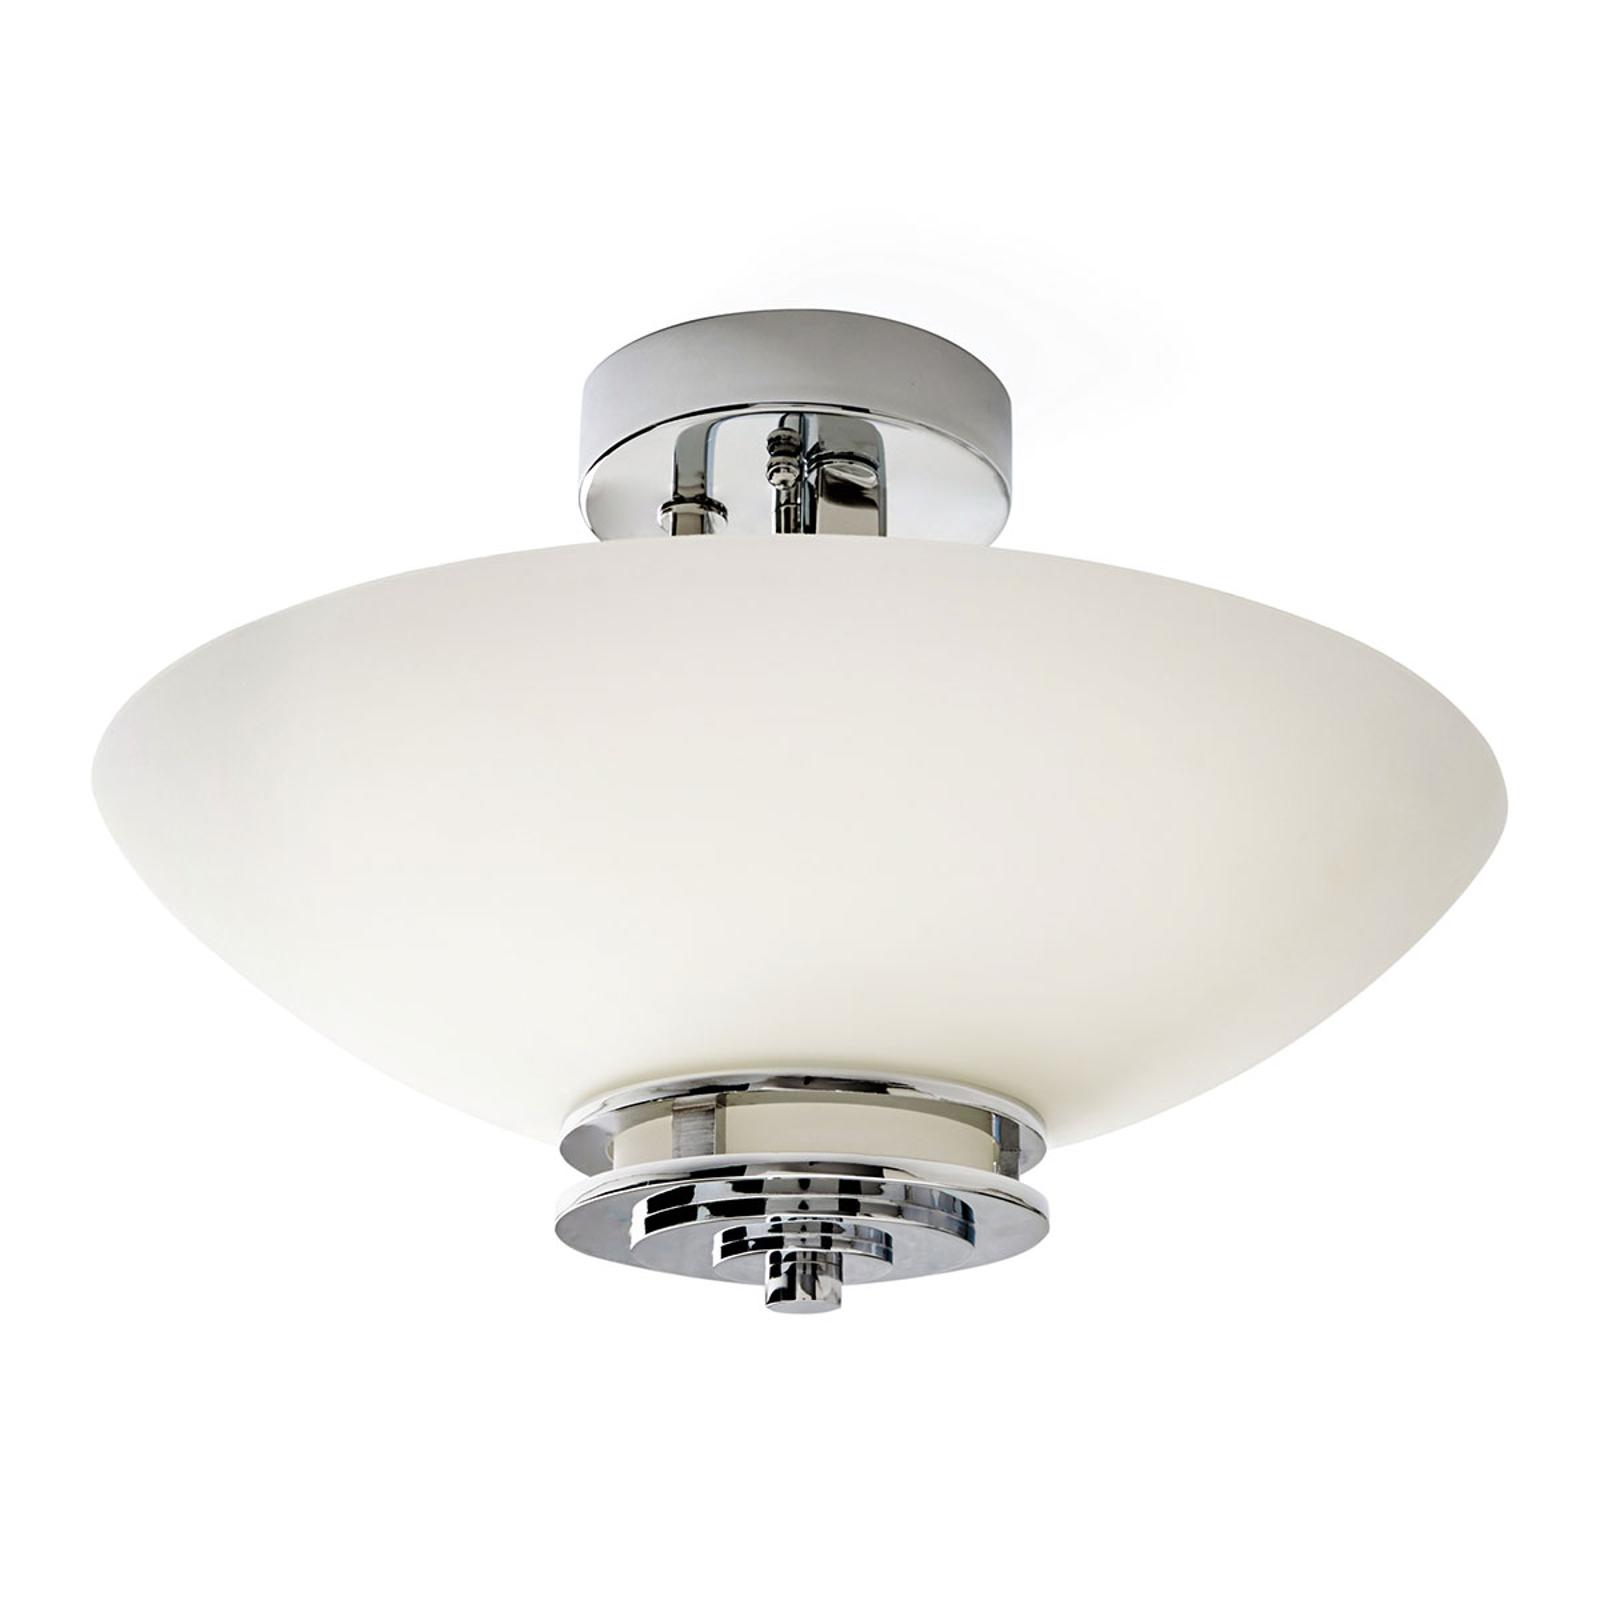 Badezimmer-Deckenleuchte Hendrik mit LEDs